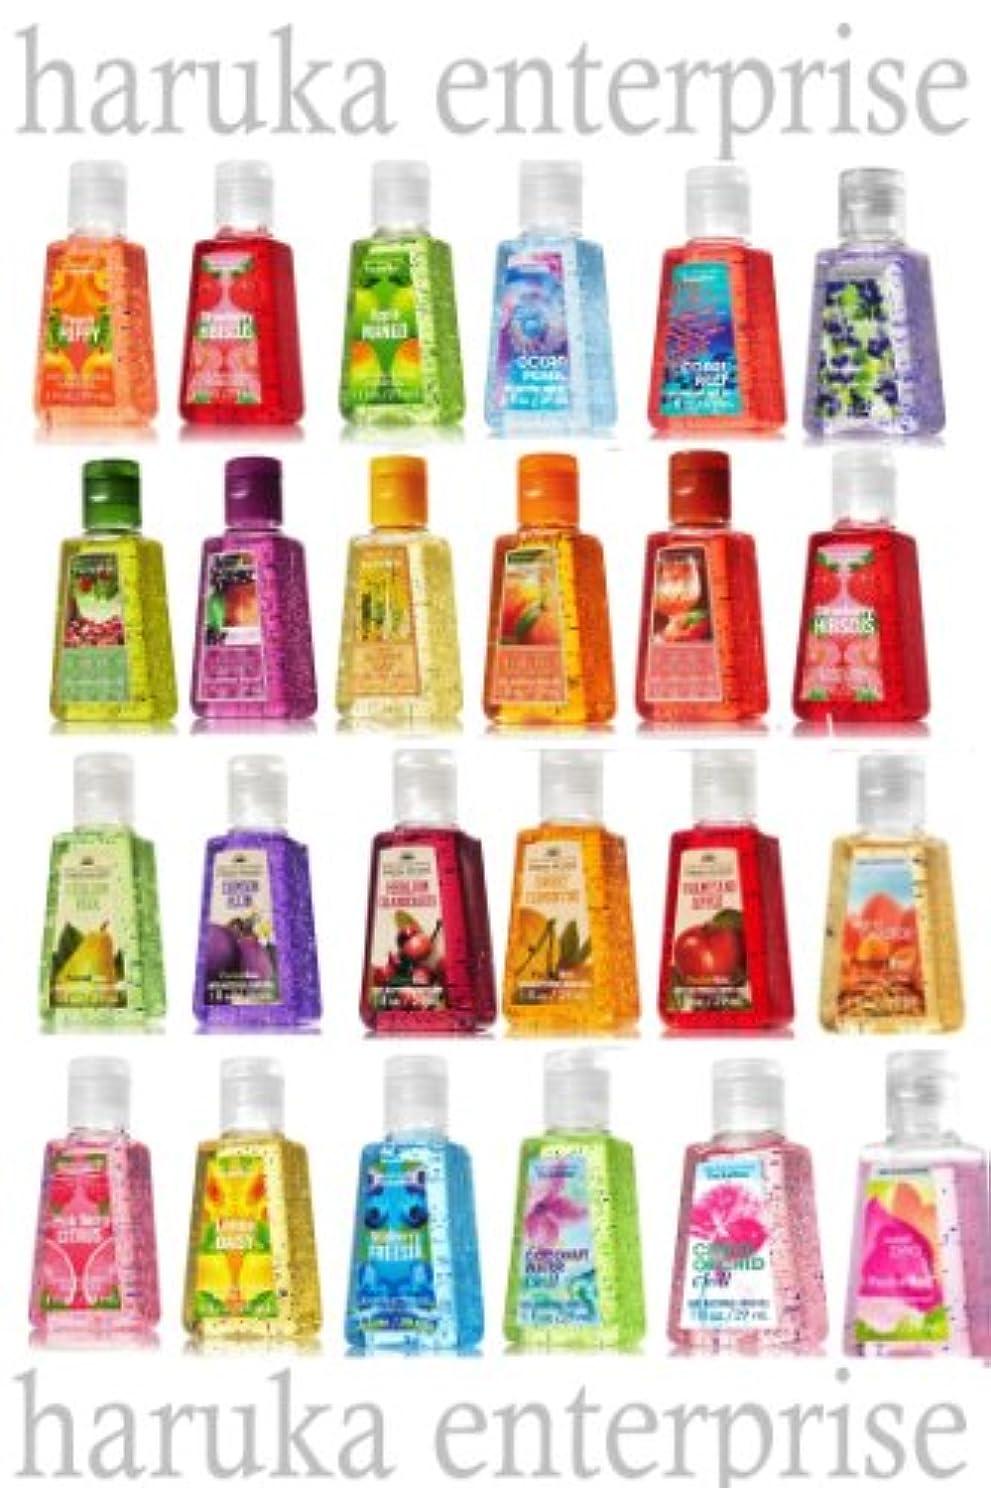 ミル慎重に岸Bath & Body Works ◆haruka enterprise特選ポケットサイズ抗菌ハンドジェル24個&ホルダー6個◆ [海外直送品]